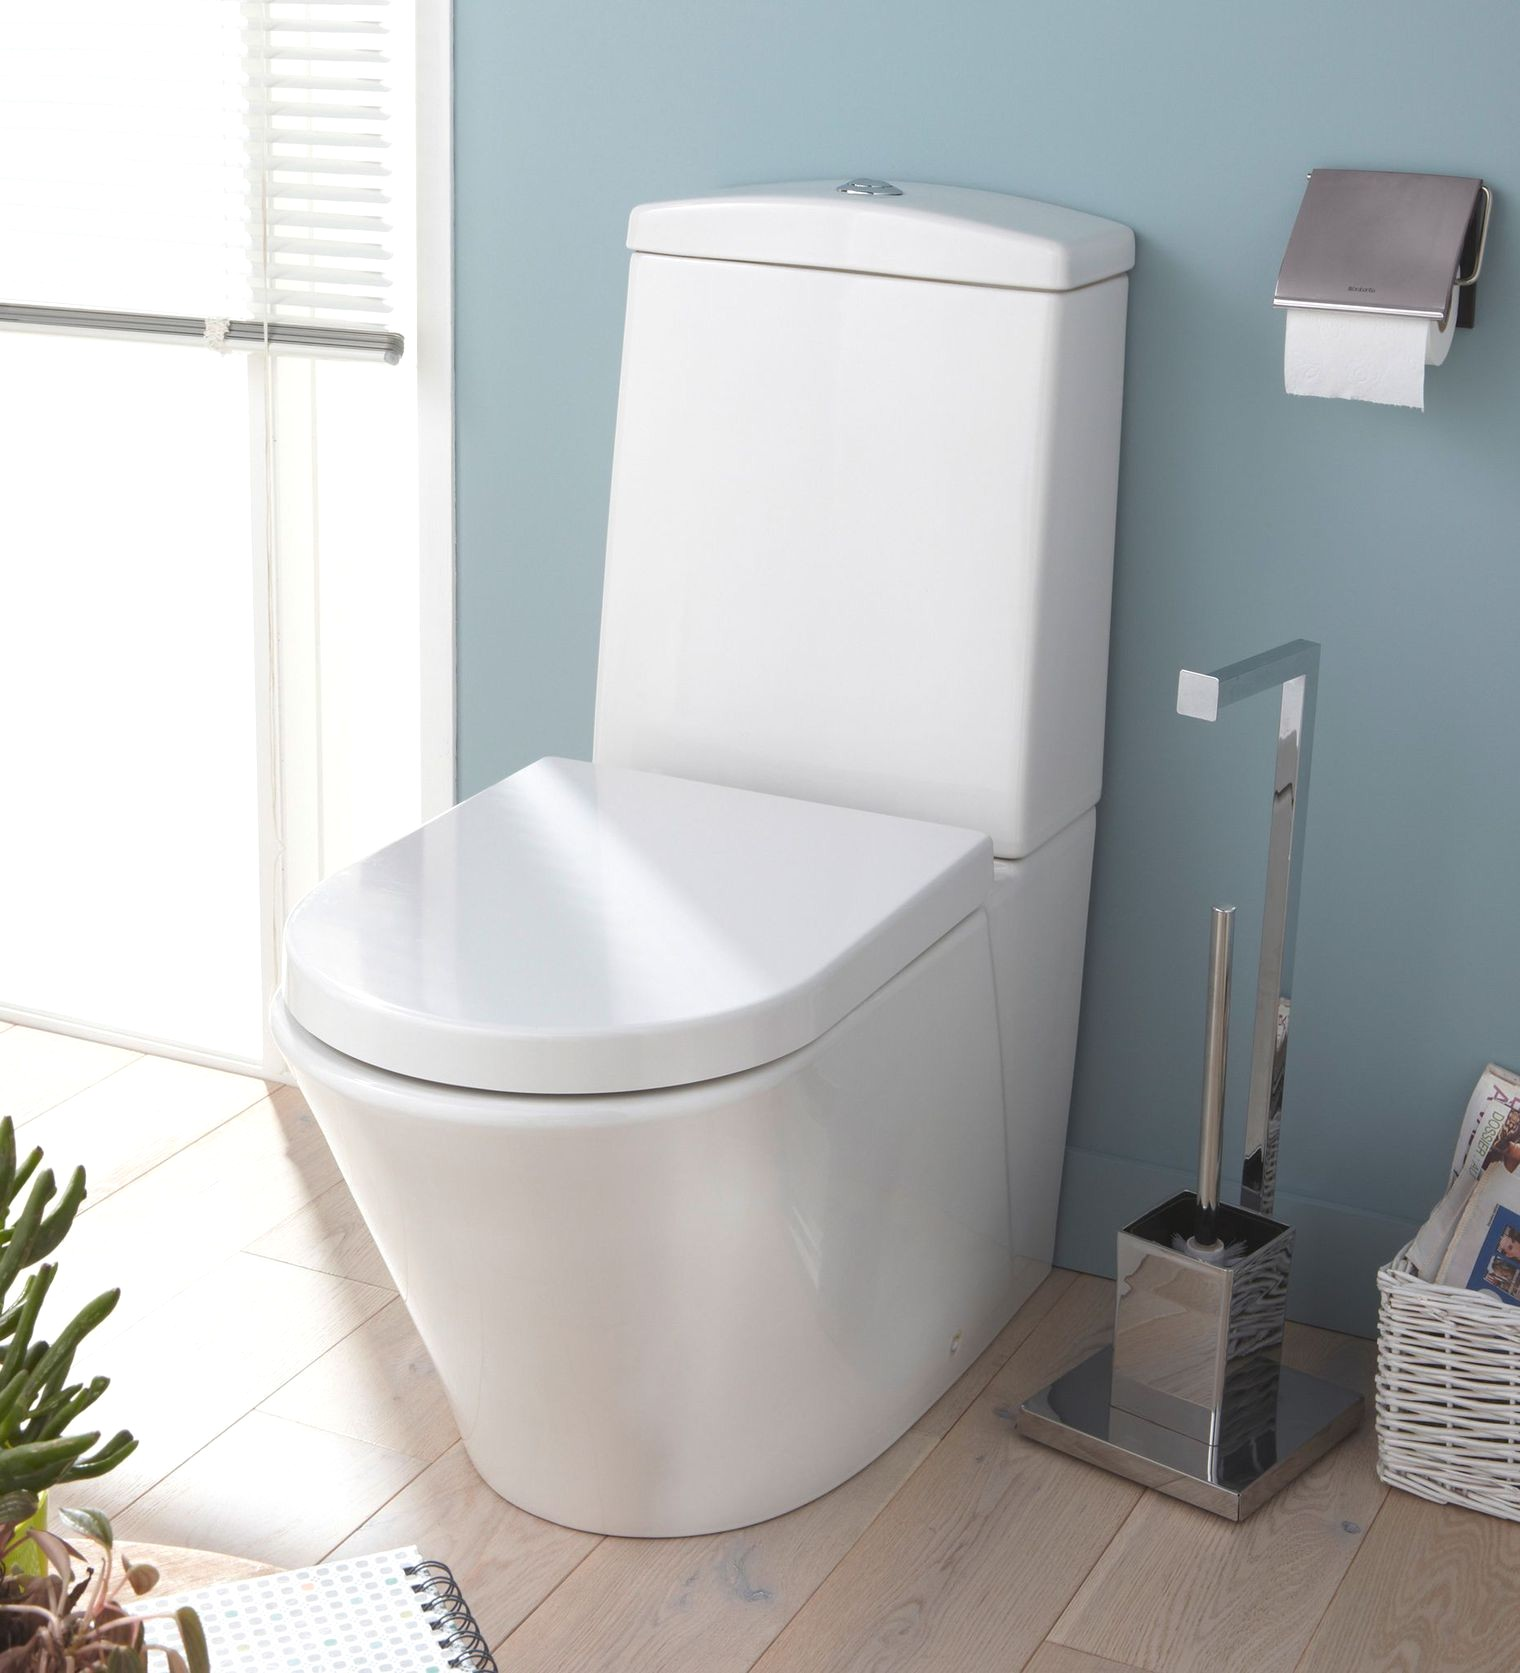 Devis peinture toilette